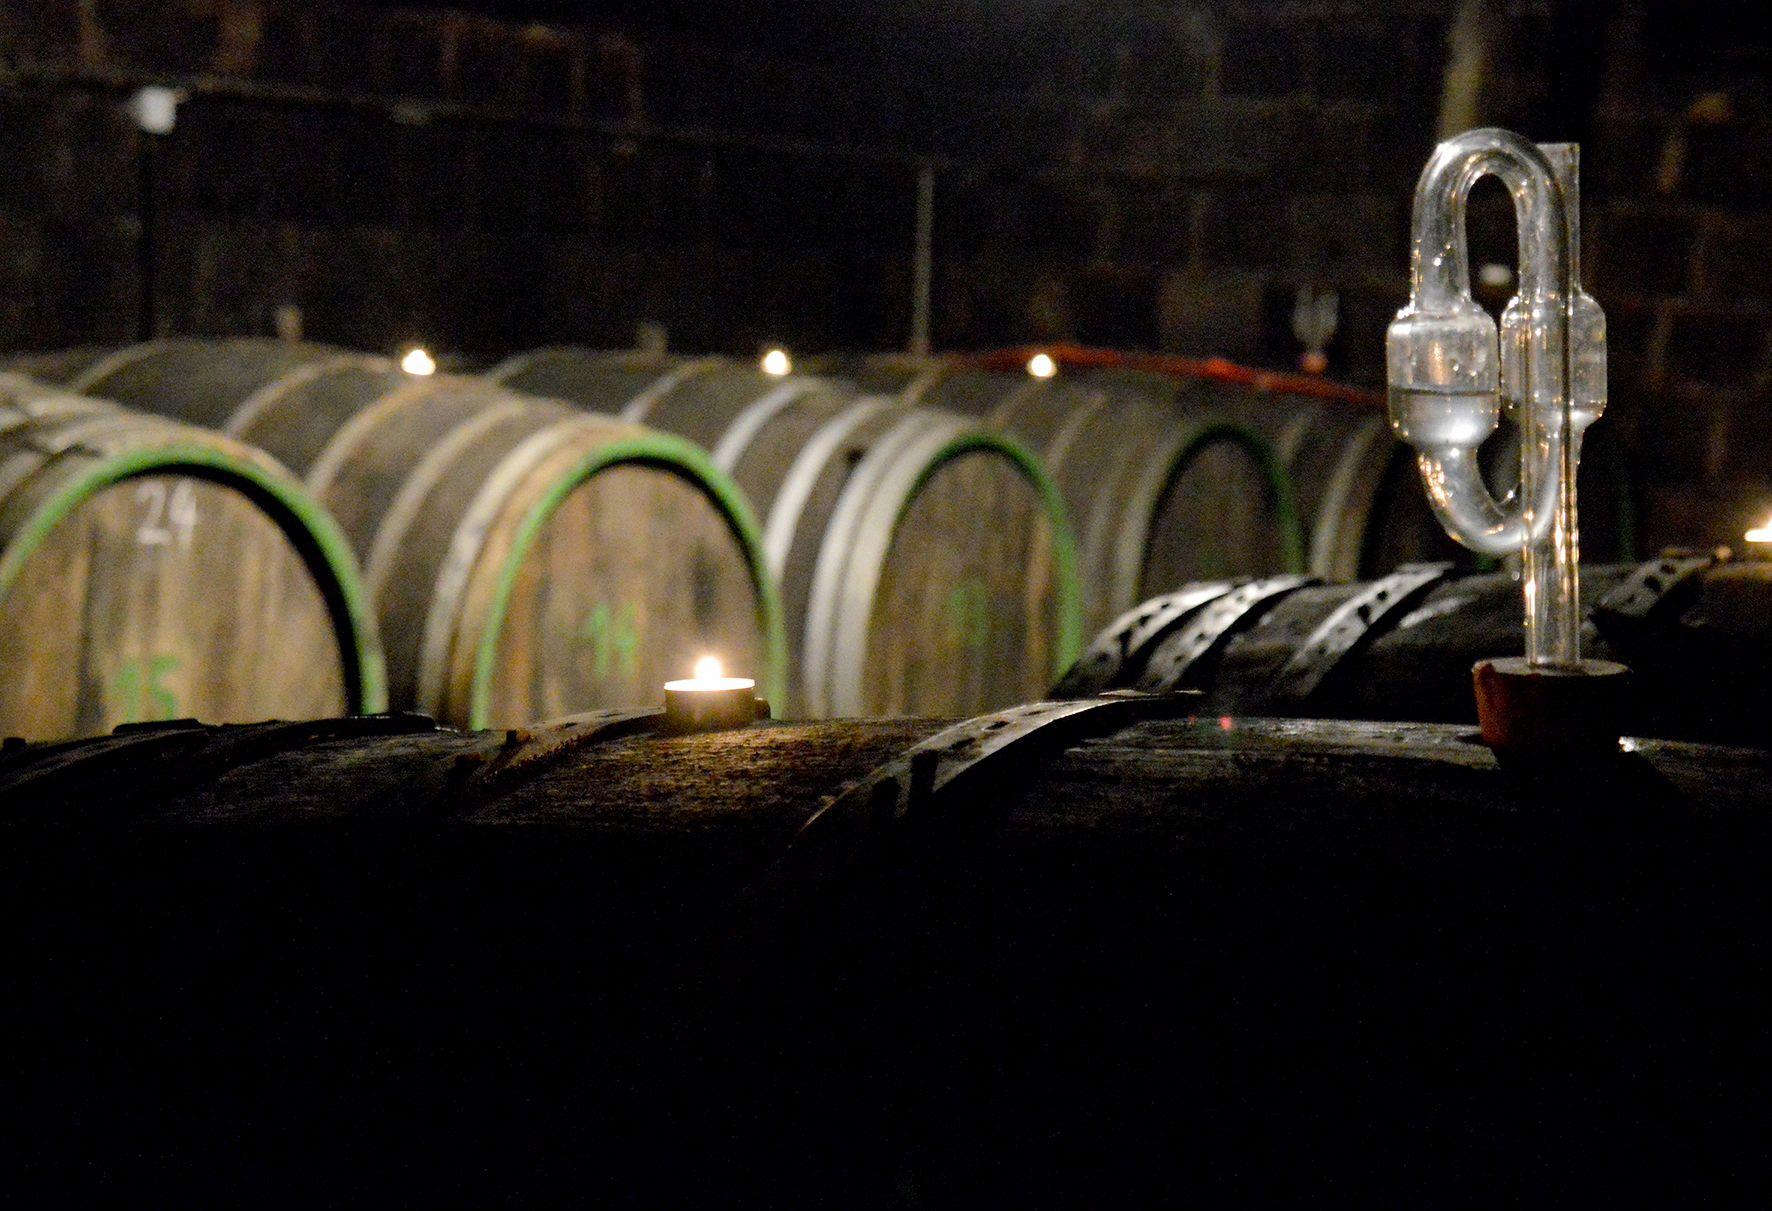 Traditionelle Weinbereitung im Eichenholzfasskeller